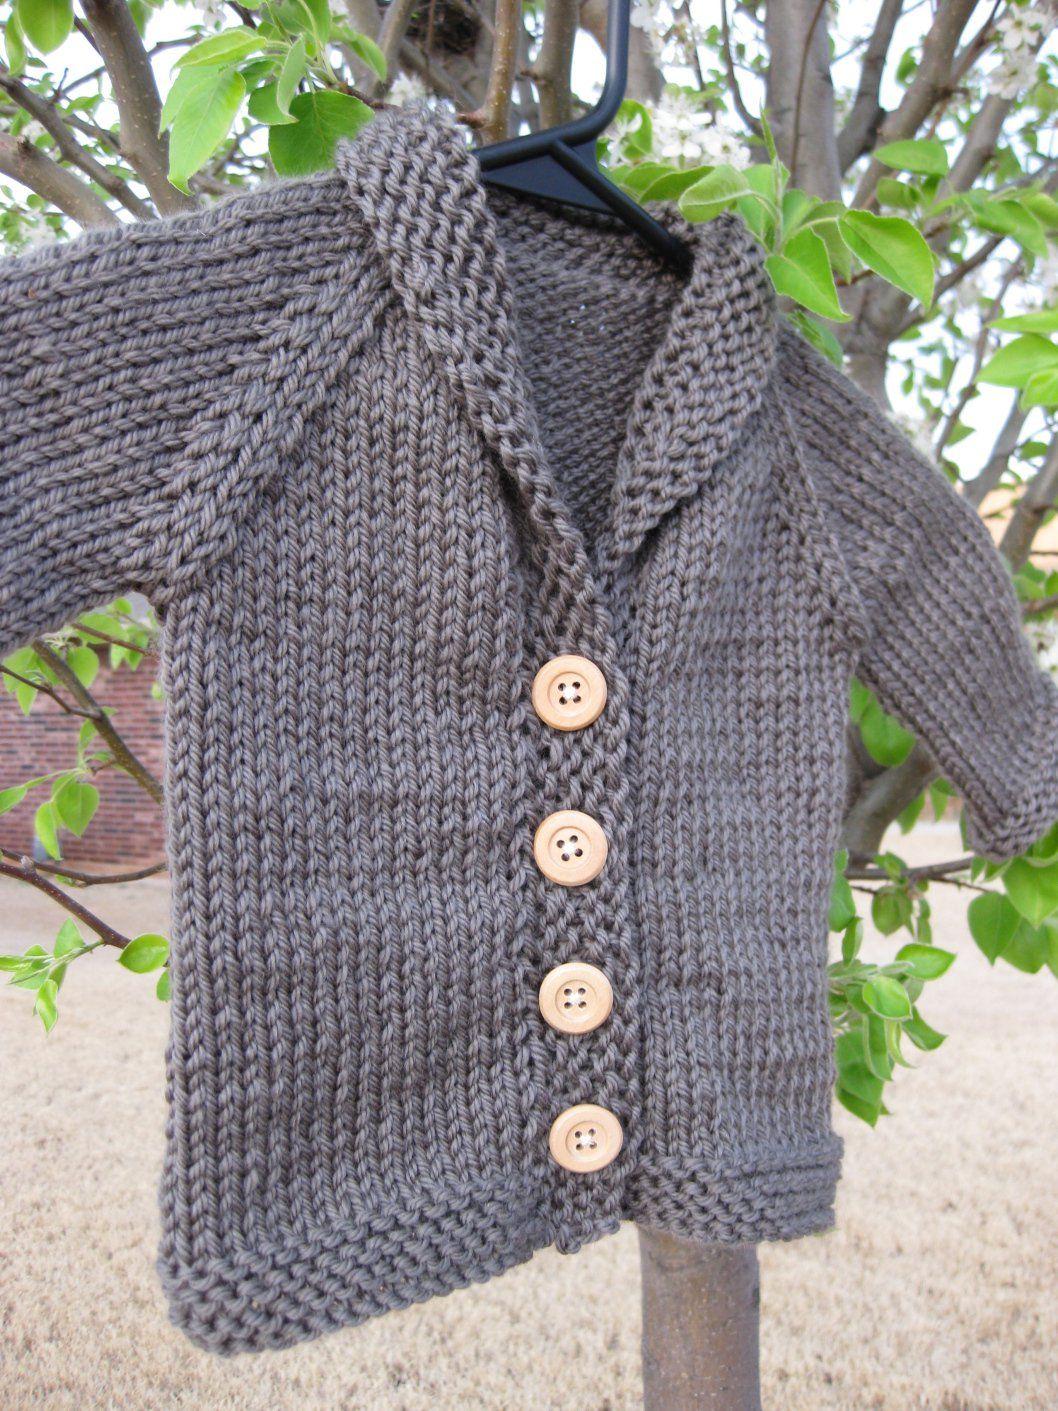 10+ Free Baby Sweater Knitting Patterns | Knitting patterns ...